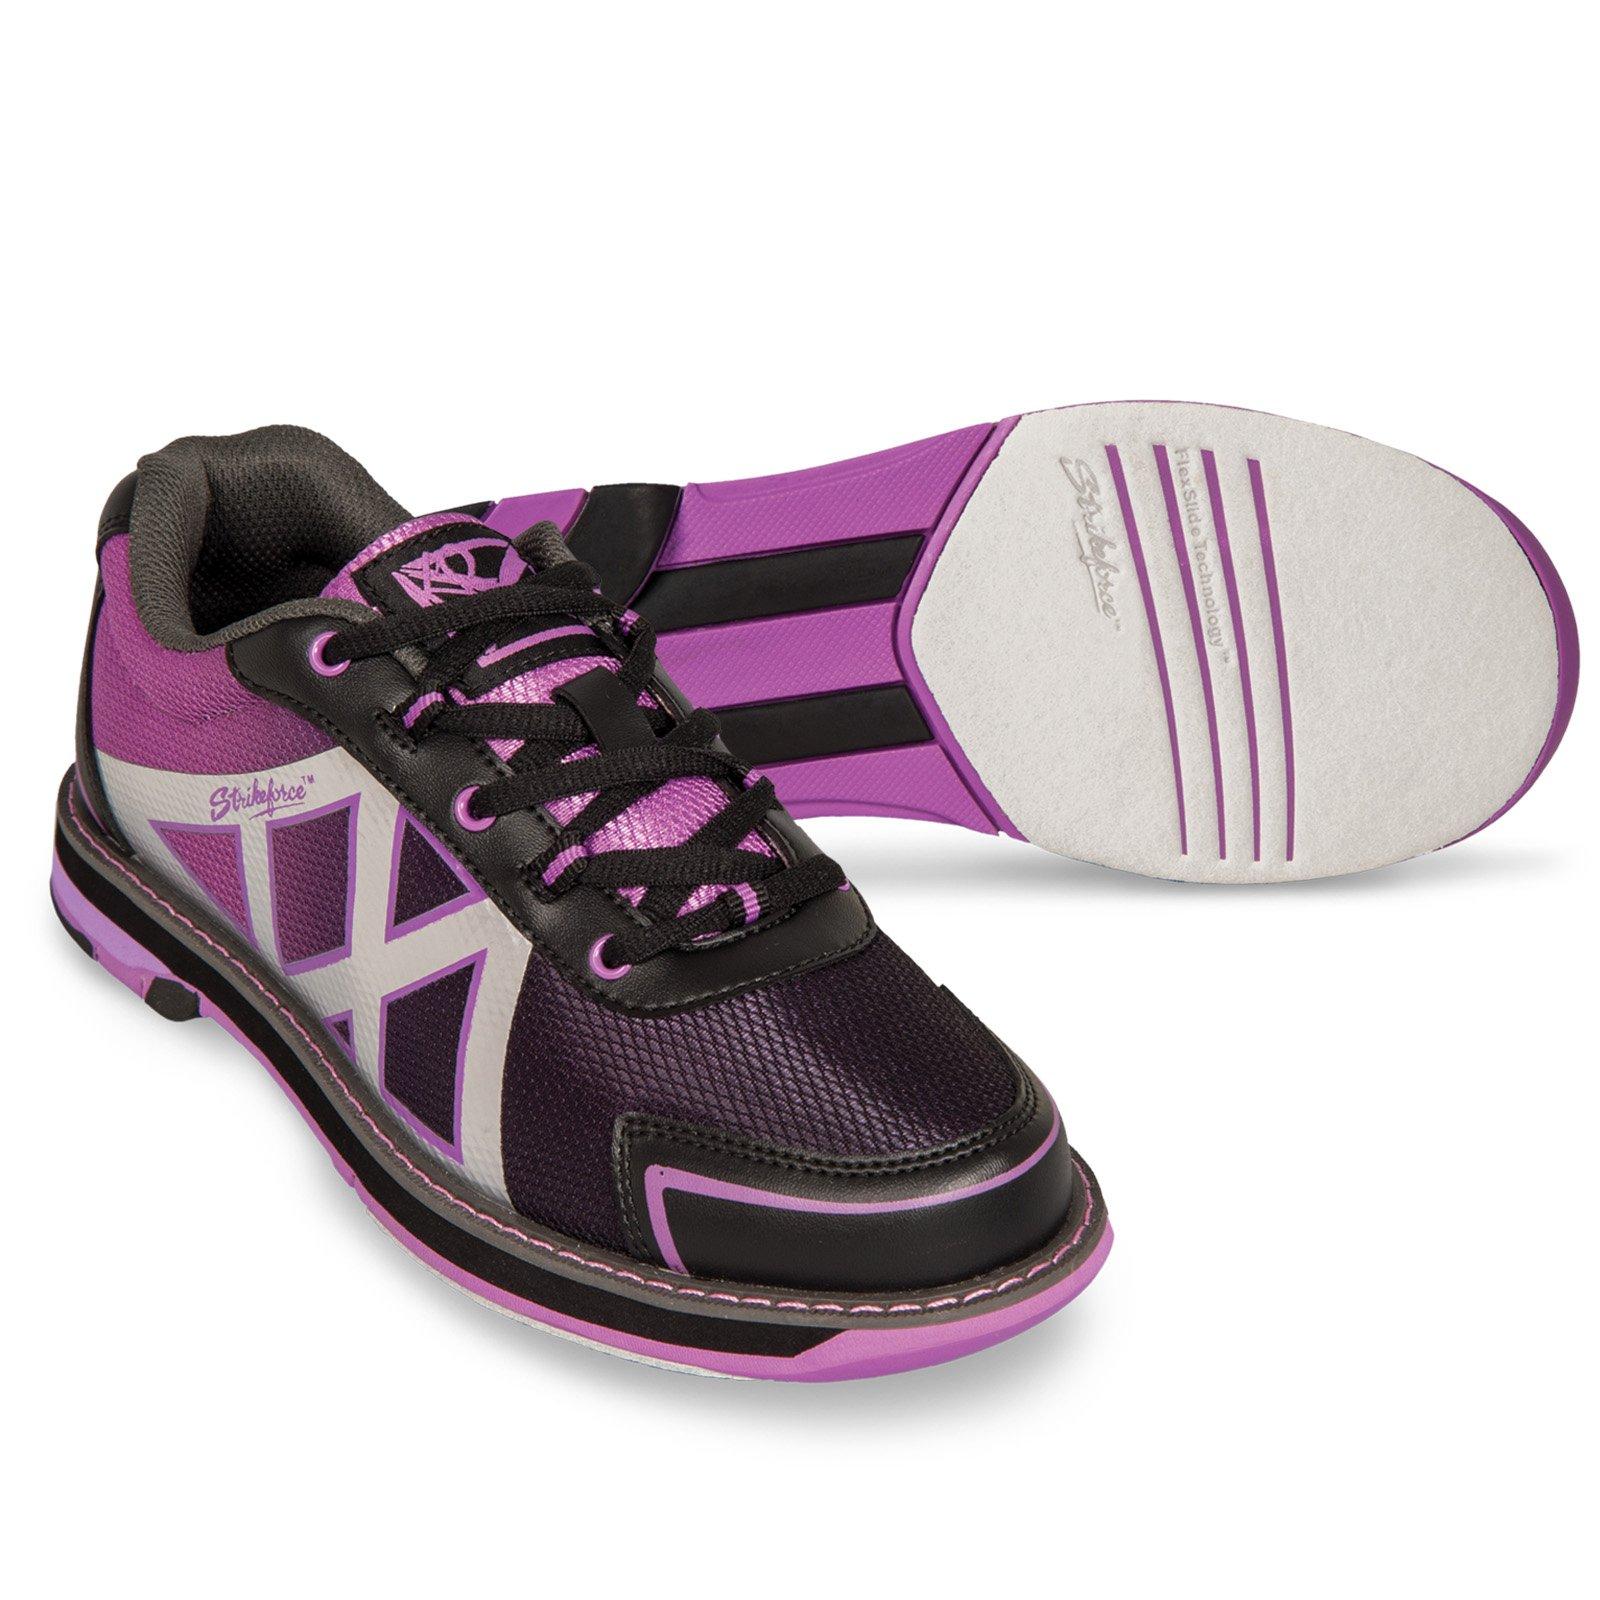 KR Strikeforce Womens Kross Bowling Shoes- Black/Purple (8 1/2 M US, Black/Purple) by KR